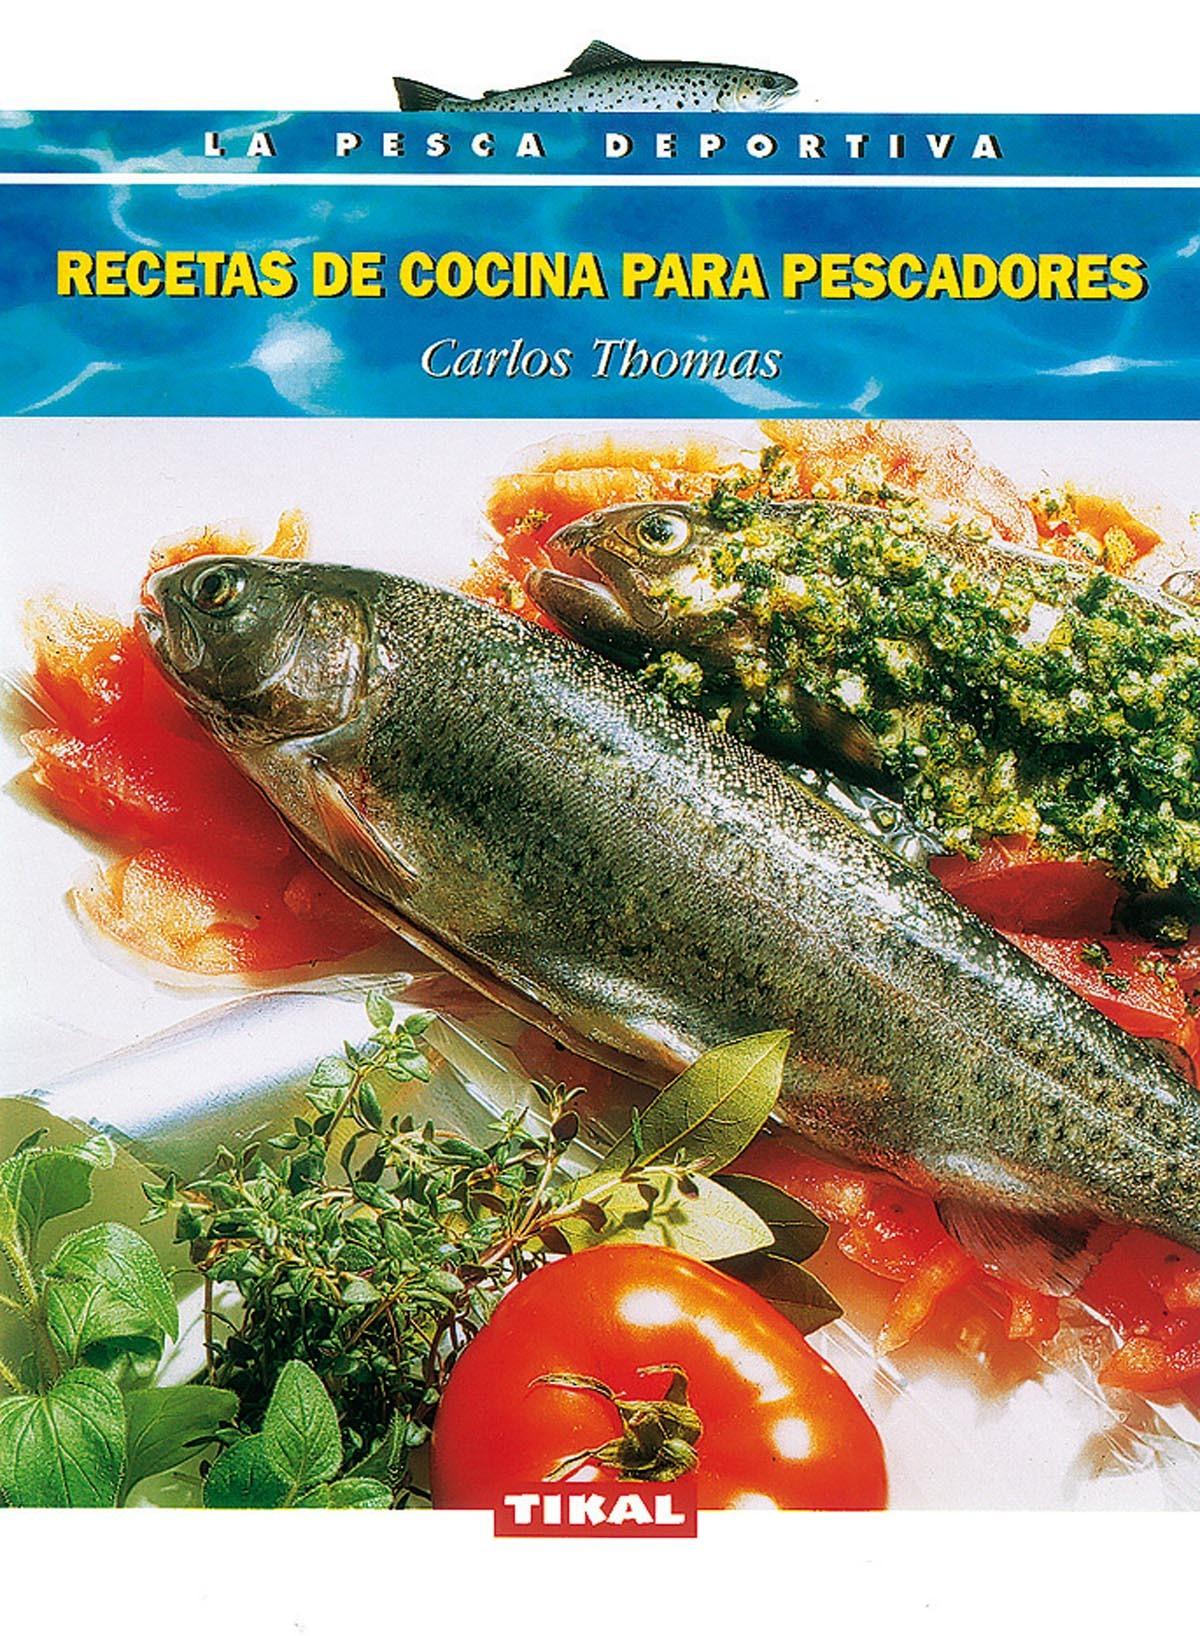 RECETAS DE COCINA PARA PESCADORES